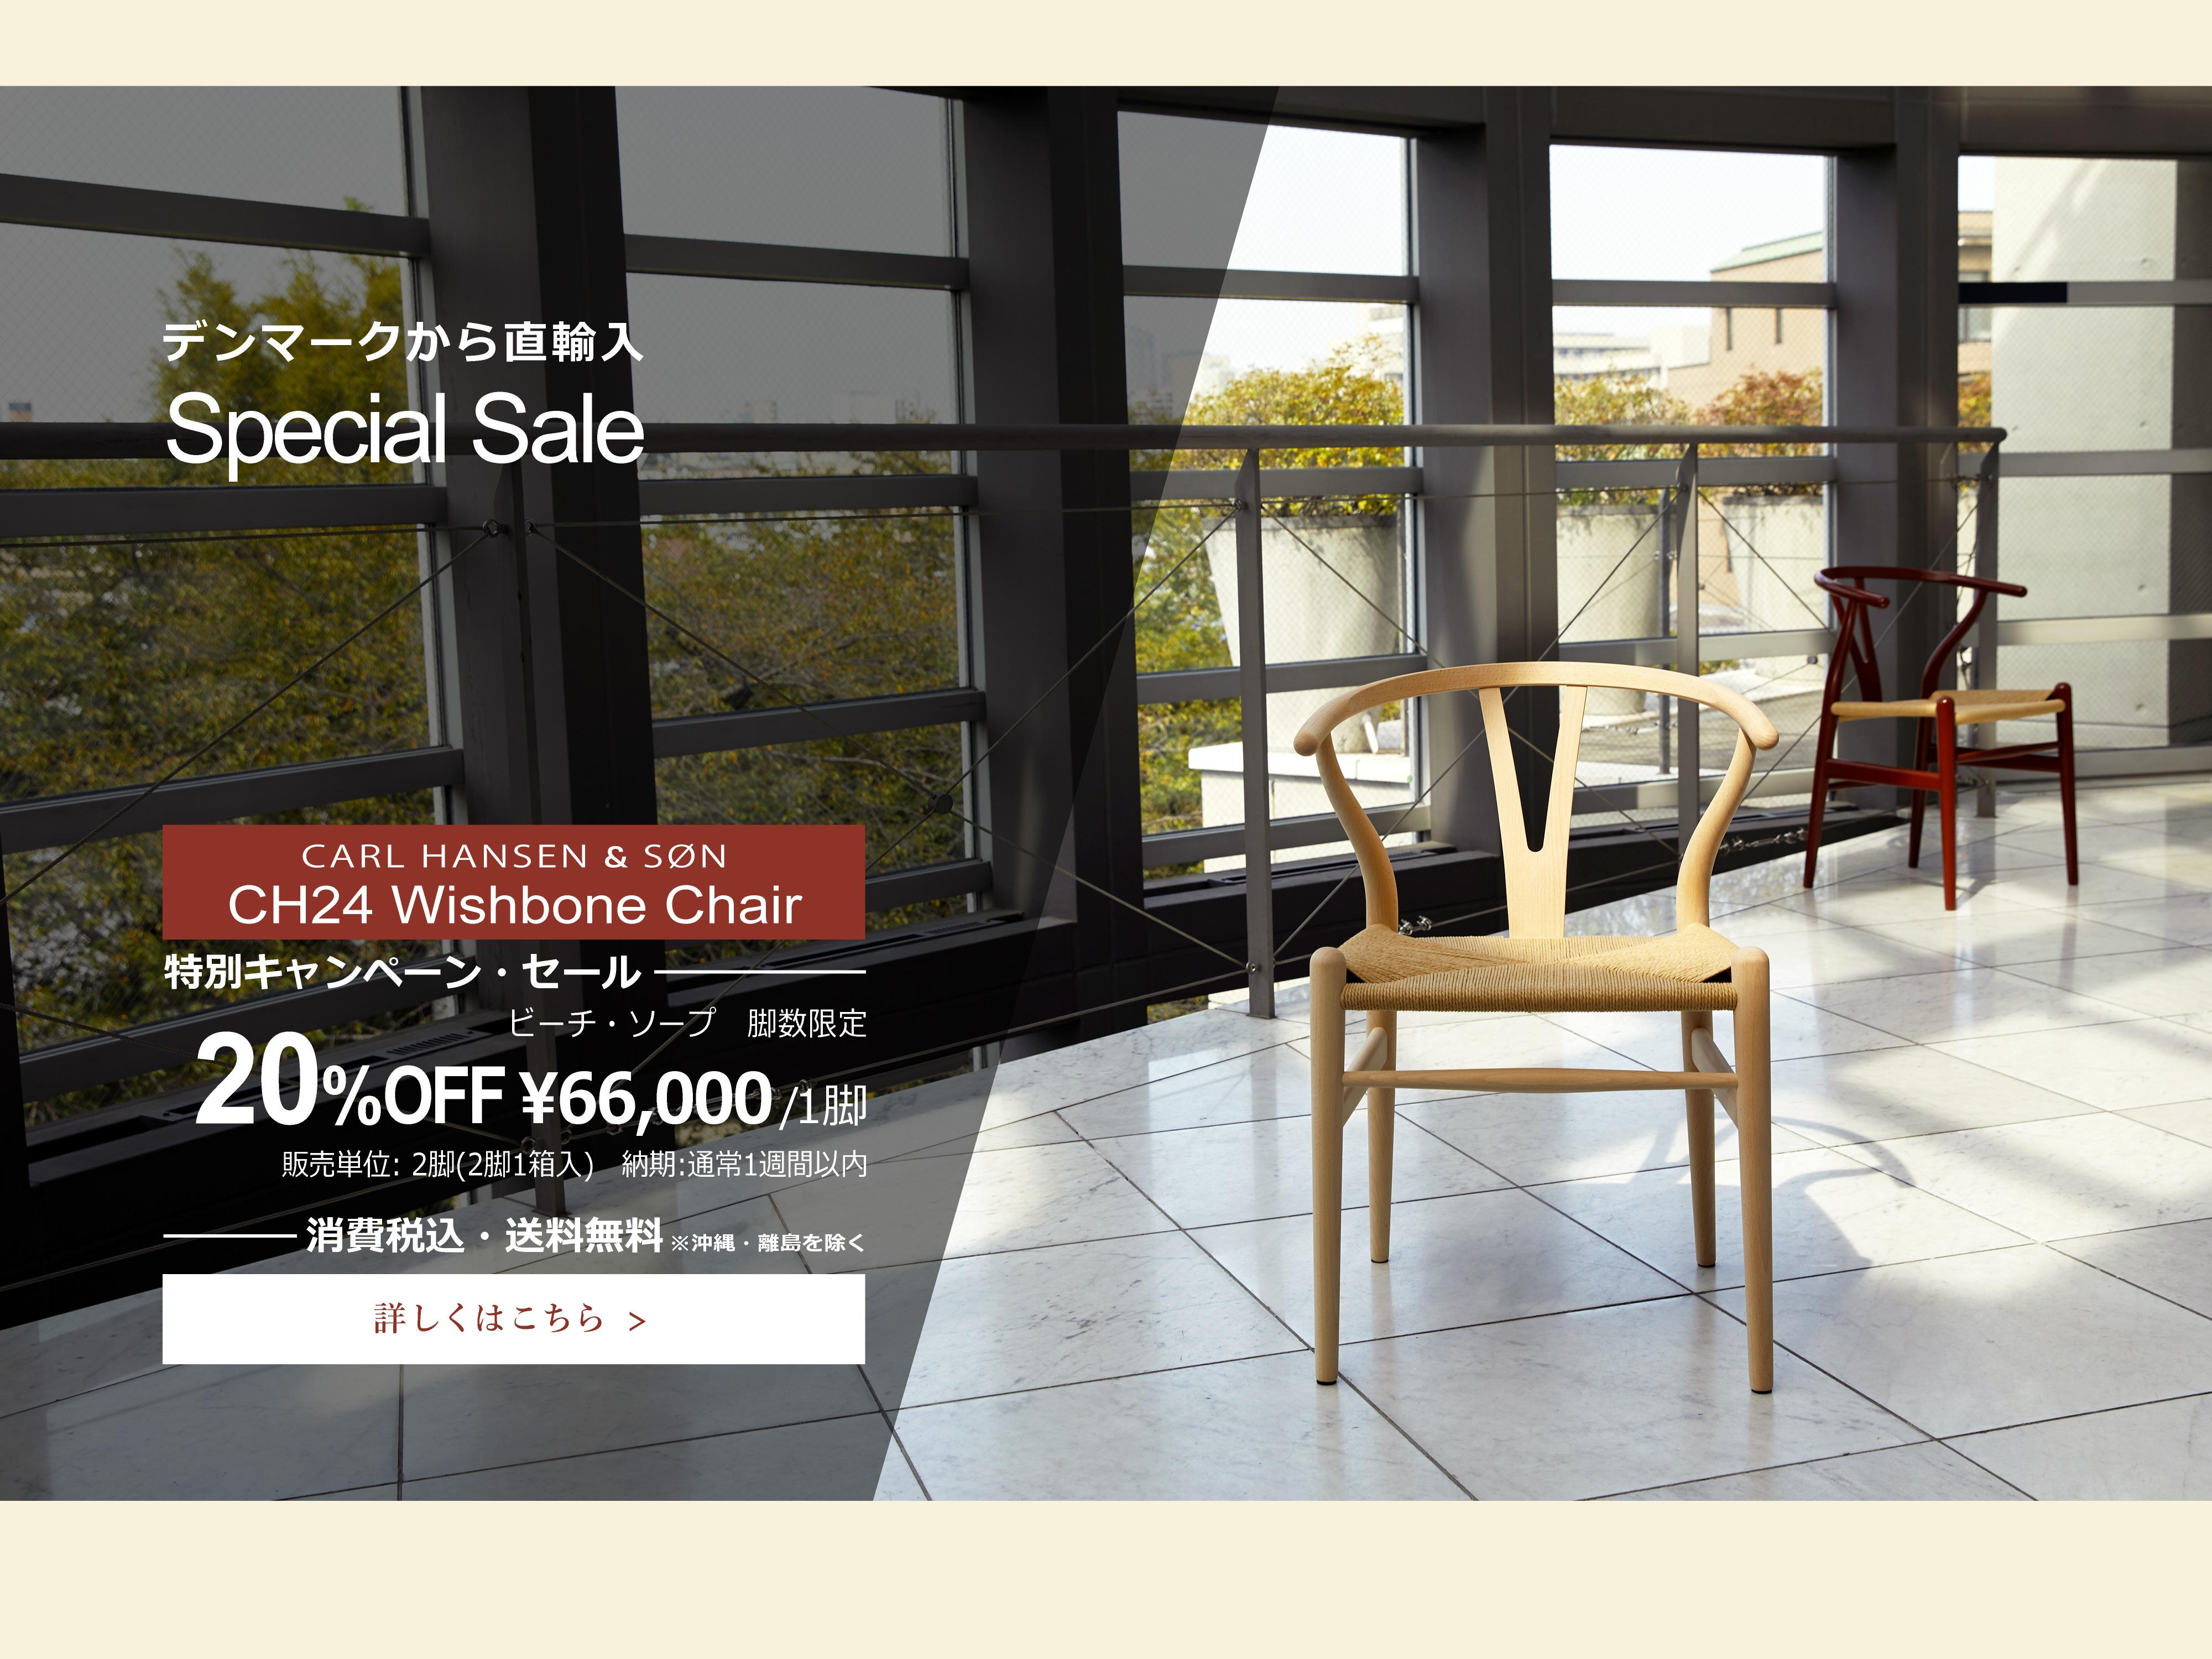 デンマークから直輸入 Special Presentation Sale CH24 Wishbone Chair 円高還元・輸送コスト削減 最大約33%OFF